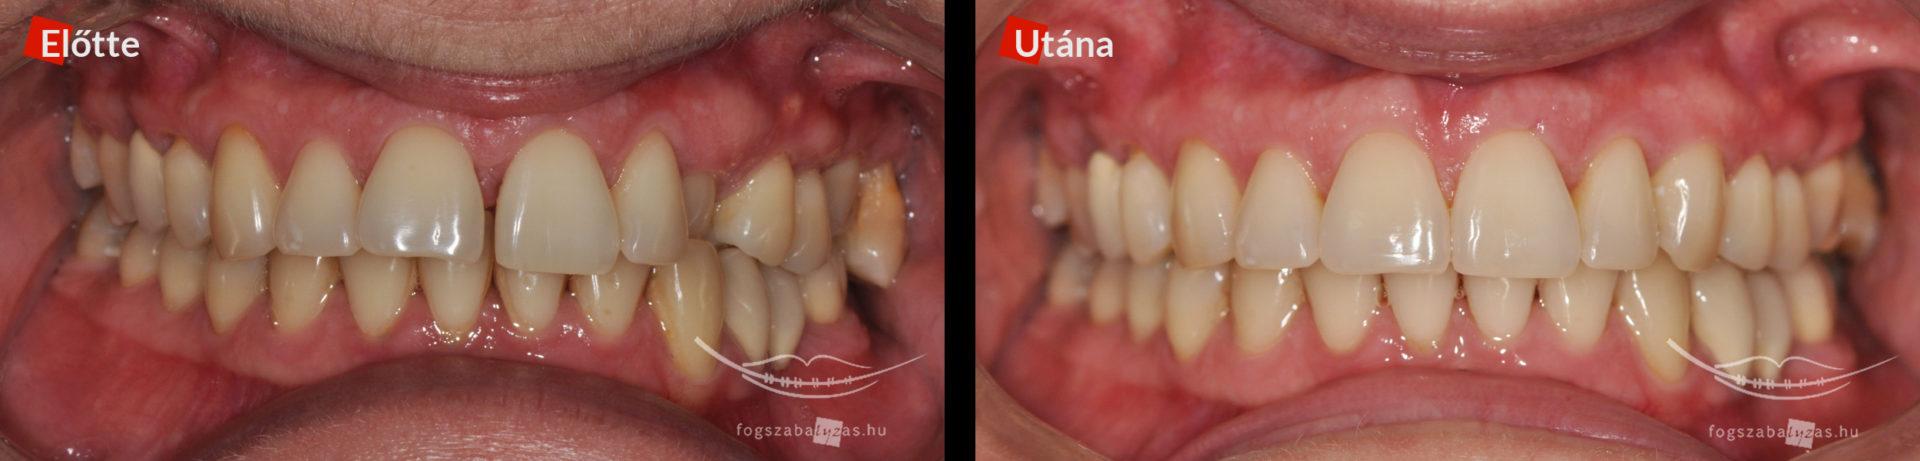 Fogágybetegség következtében elvándorolt fogak. 40 éves hölgy, rögzített készülékkel 1 éves kezelés eredménye.